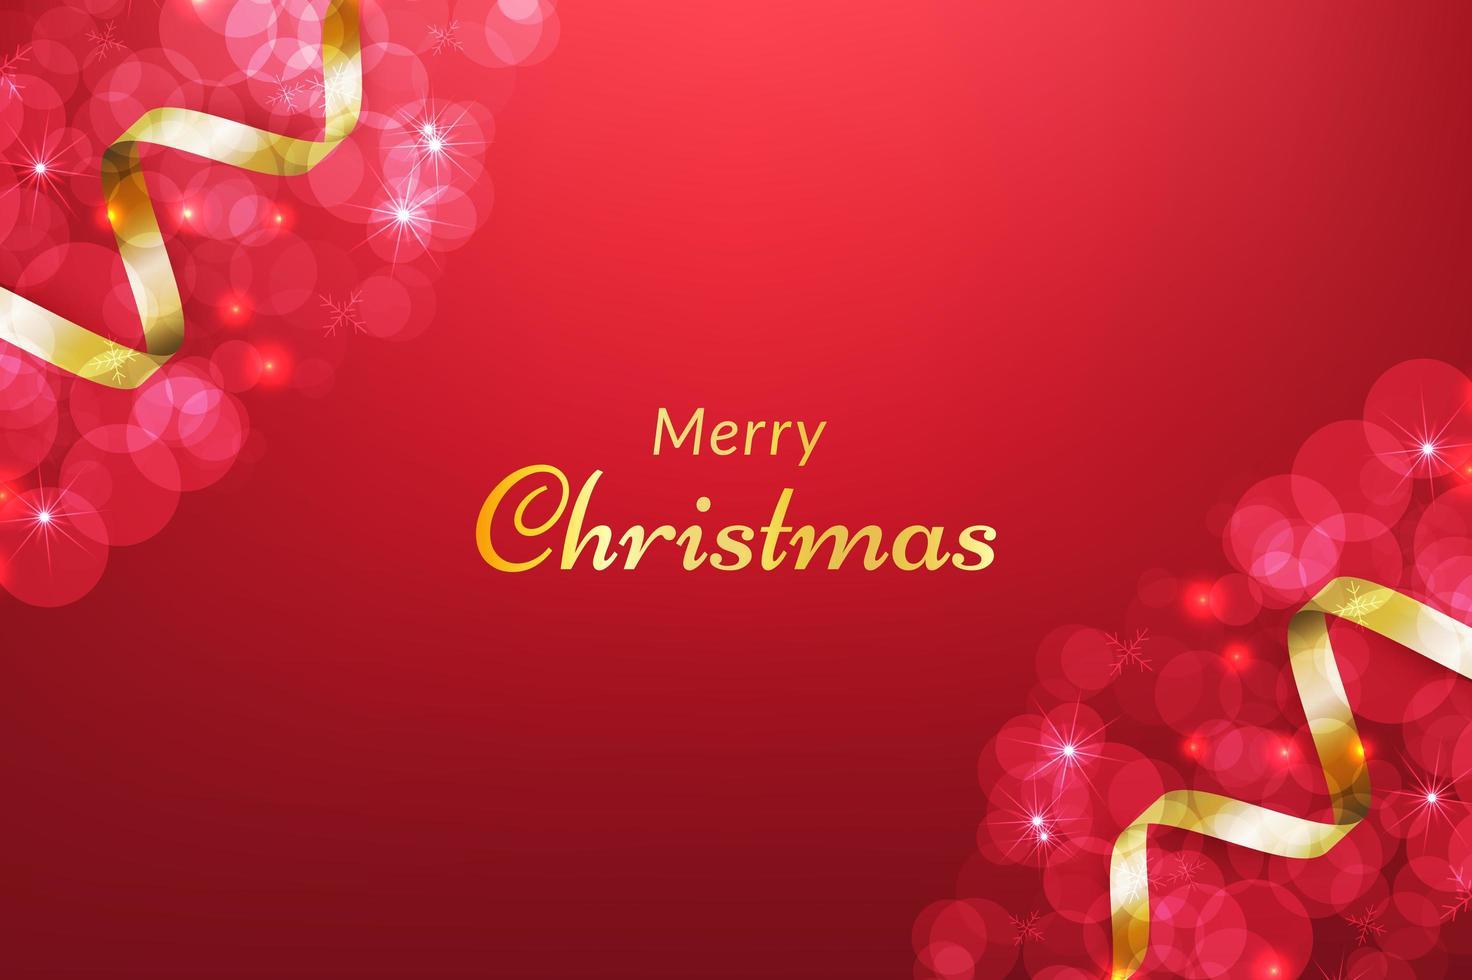 röd glad jul bakgrund med guld band vektor